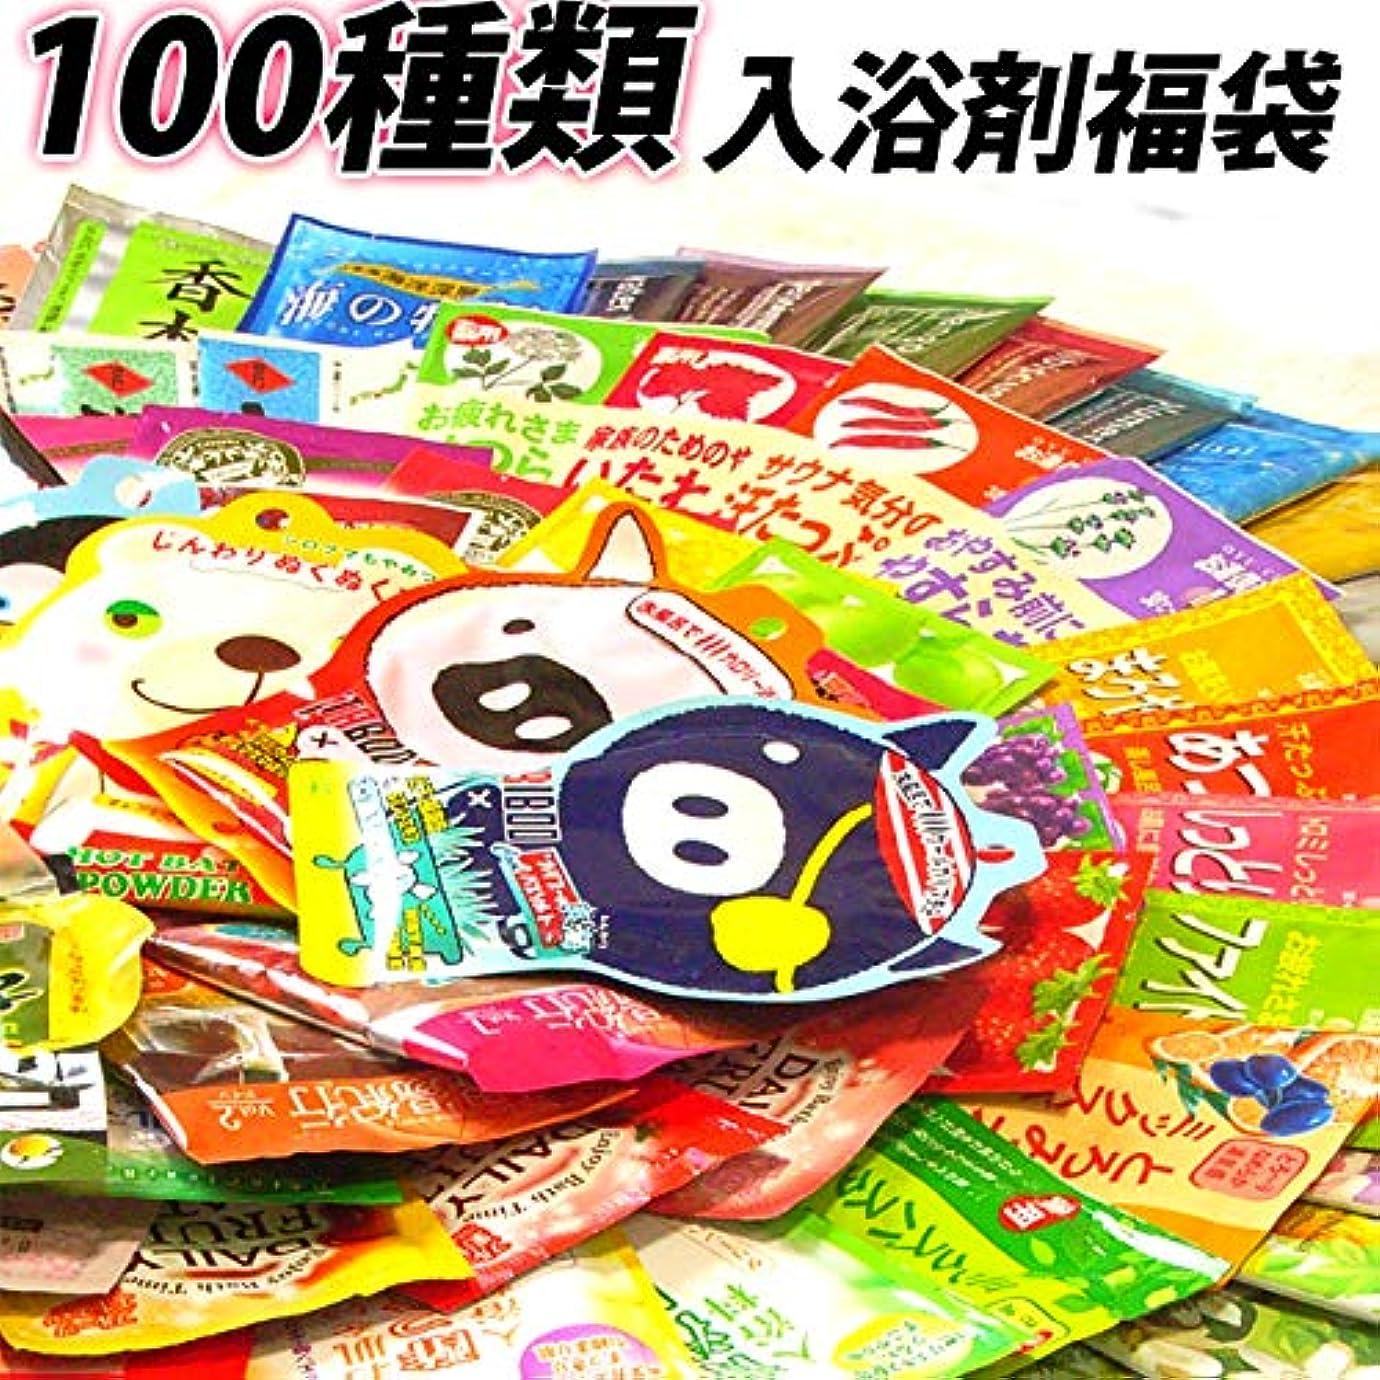 スリット均等にプレゼンター人気 入浴剤 福袋 100包入り!